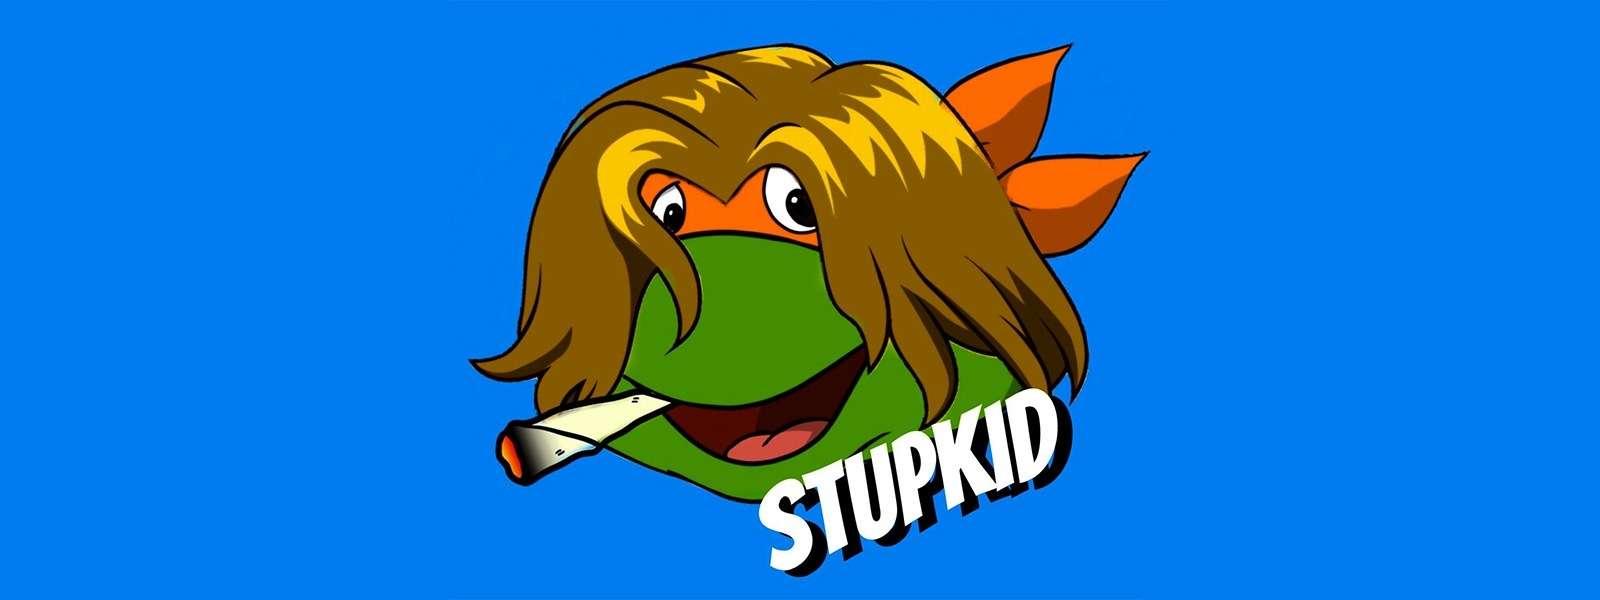 Stupkid